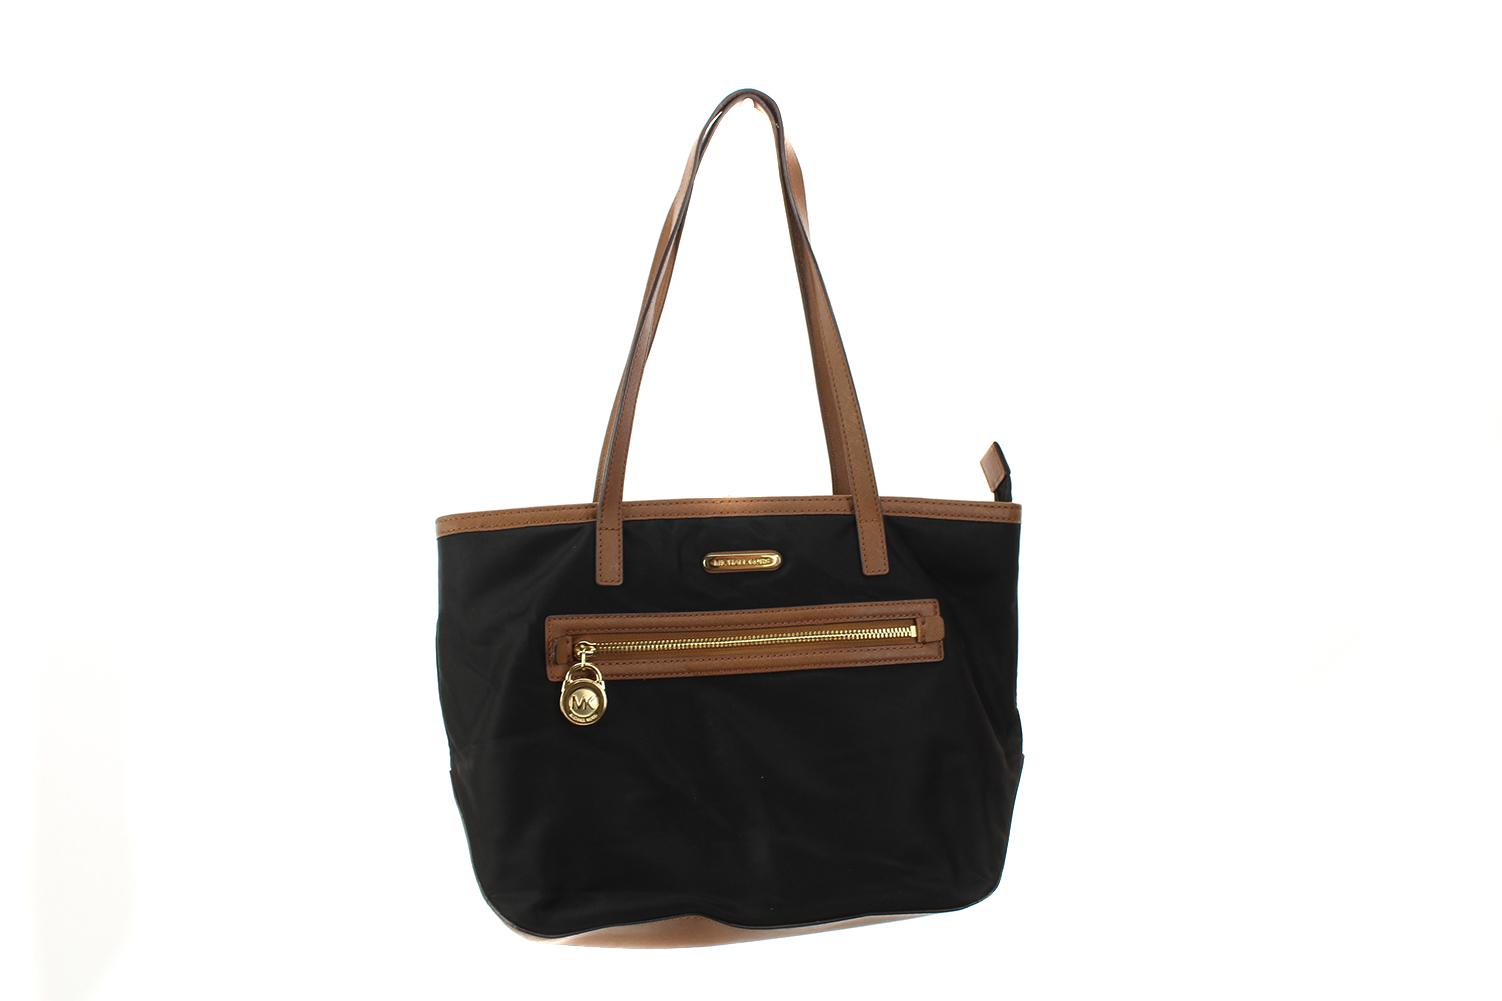 3d4aba33e03146 Michael Michael Kors Black Gold Kempton Nylon Small Tote Bag OS ...